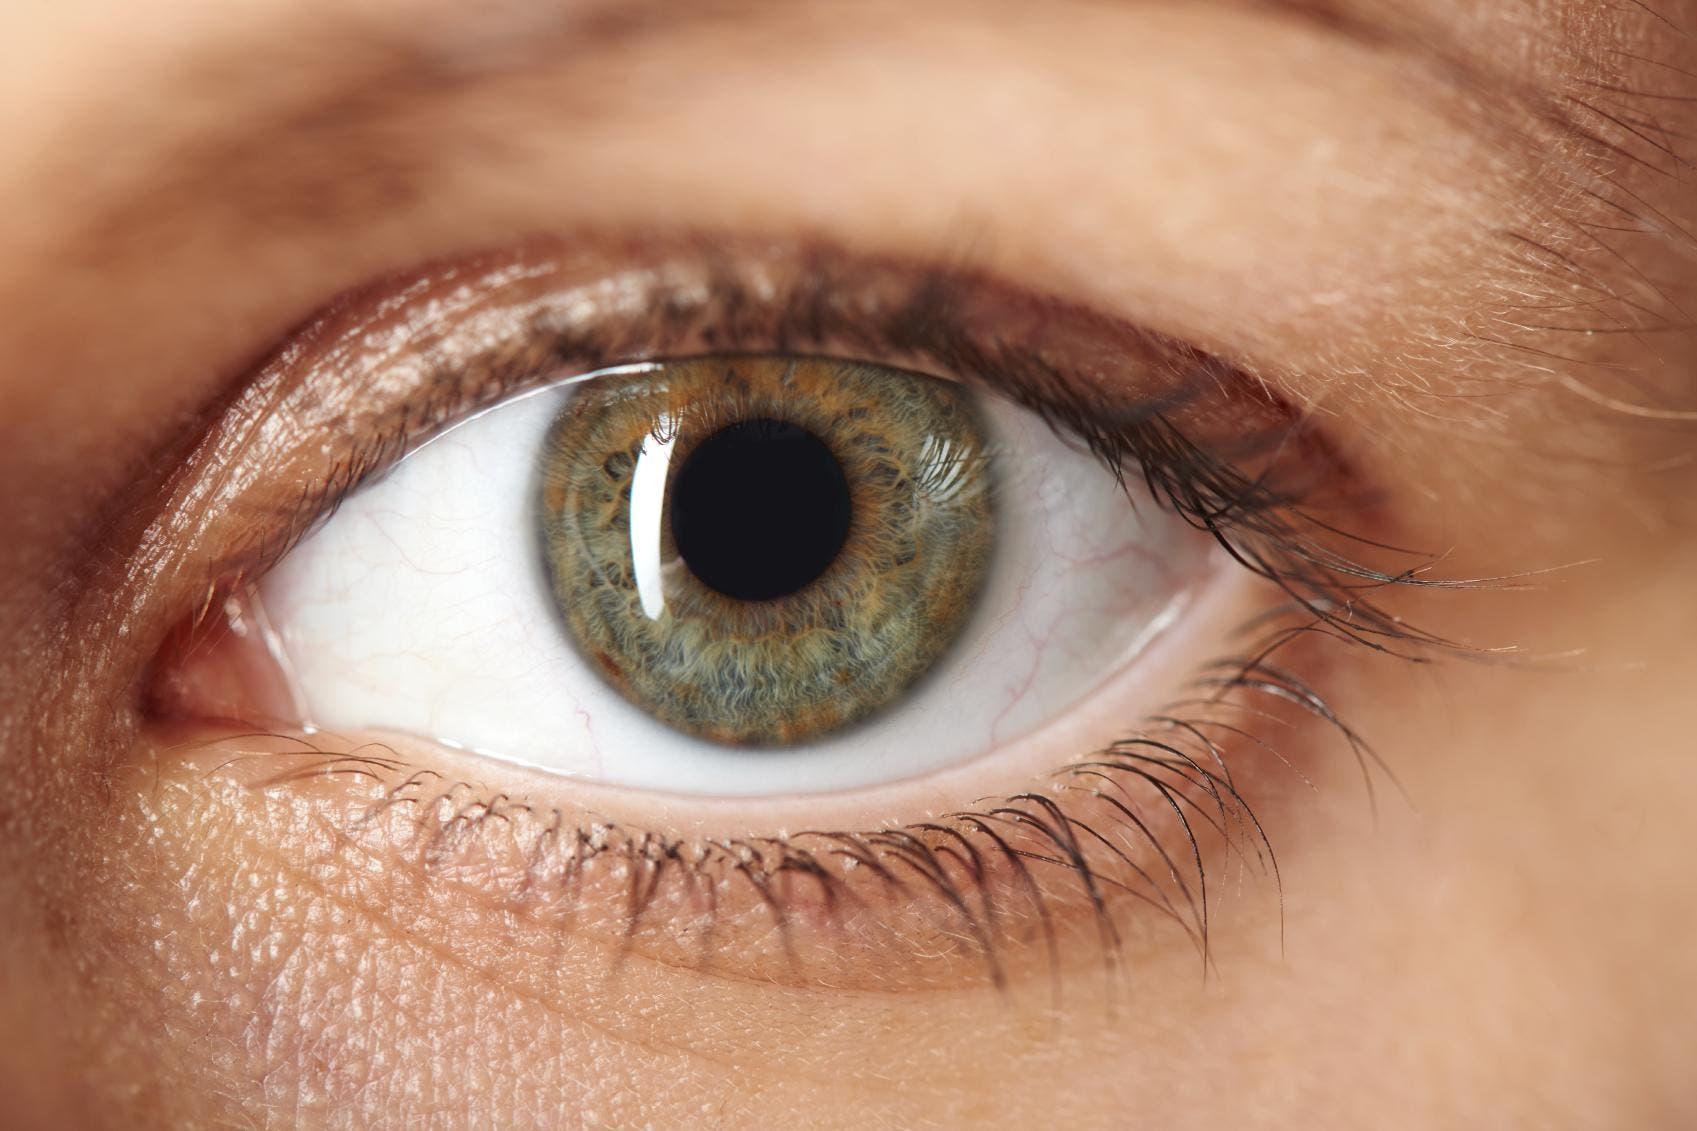 El glaucoma es la primera causa de la ceguera irreversible